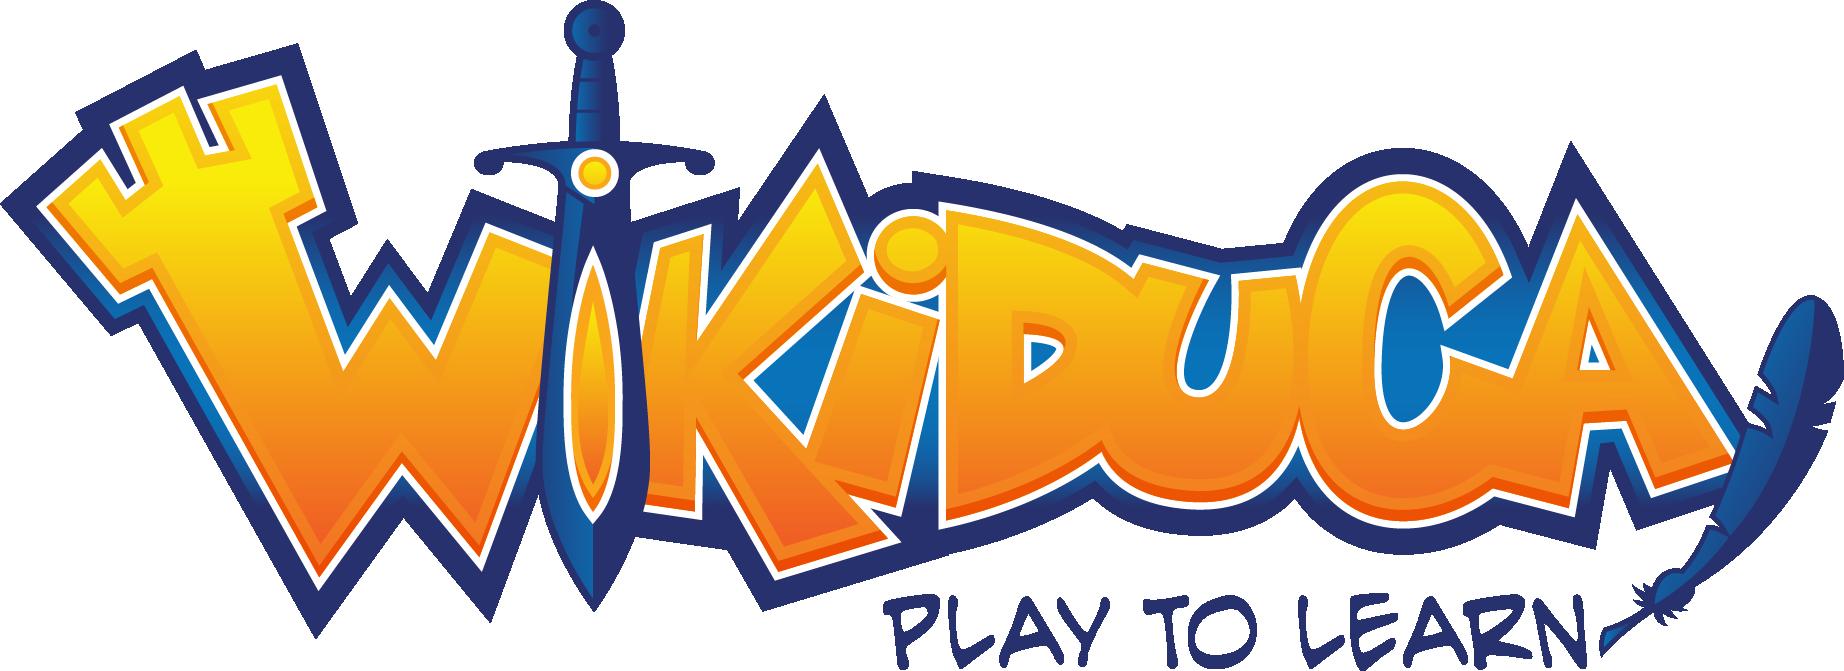 La app Wikiduca ayuda a los niños a reforzar el inglés en vacaciones mientras juegan